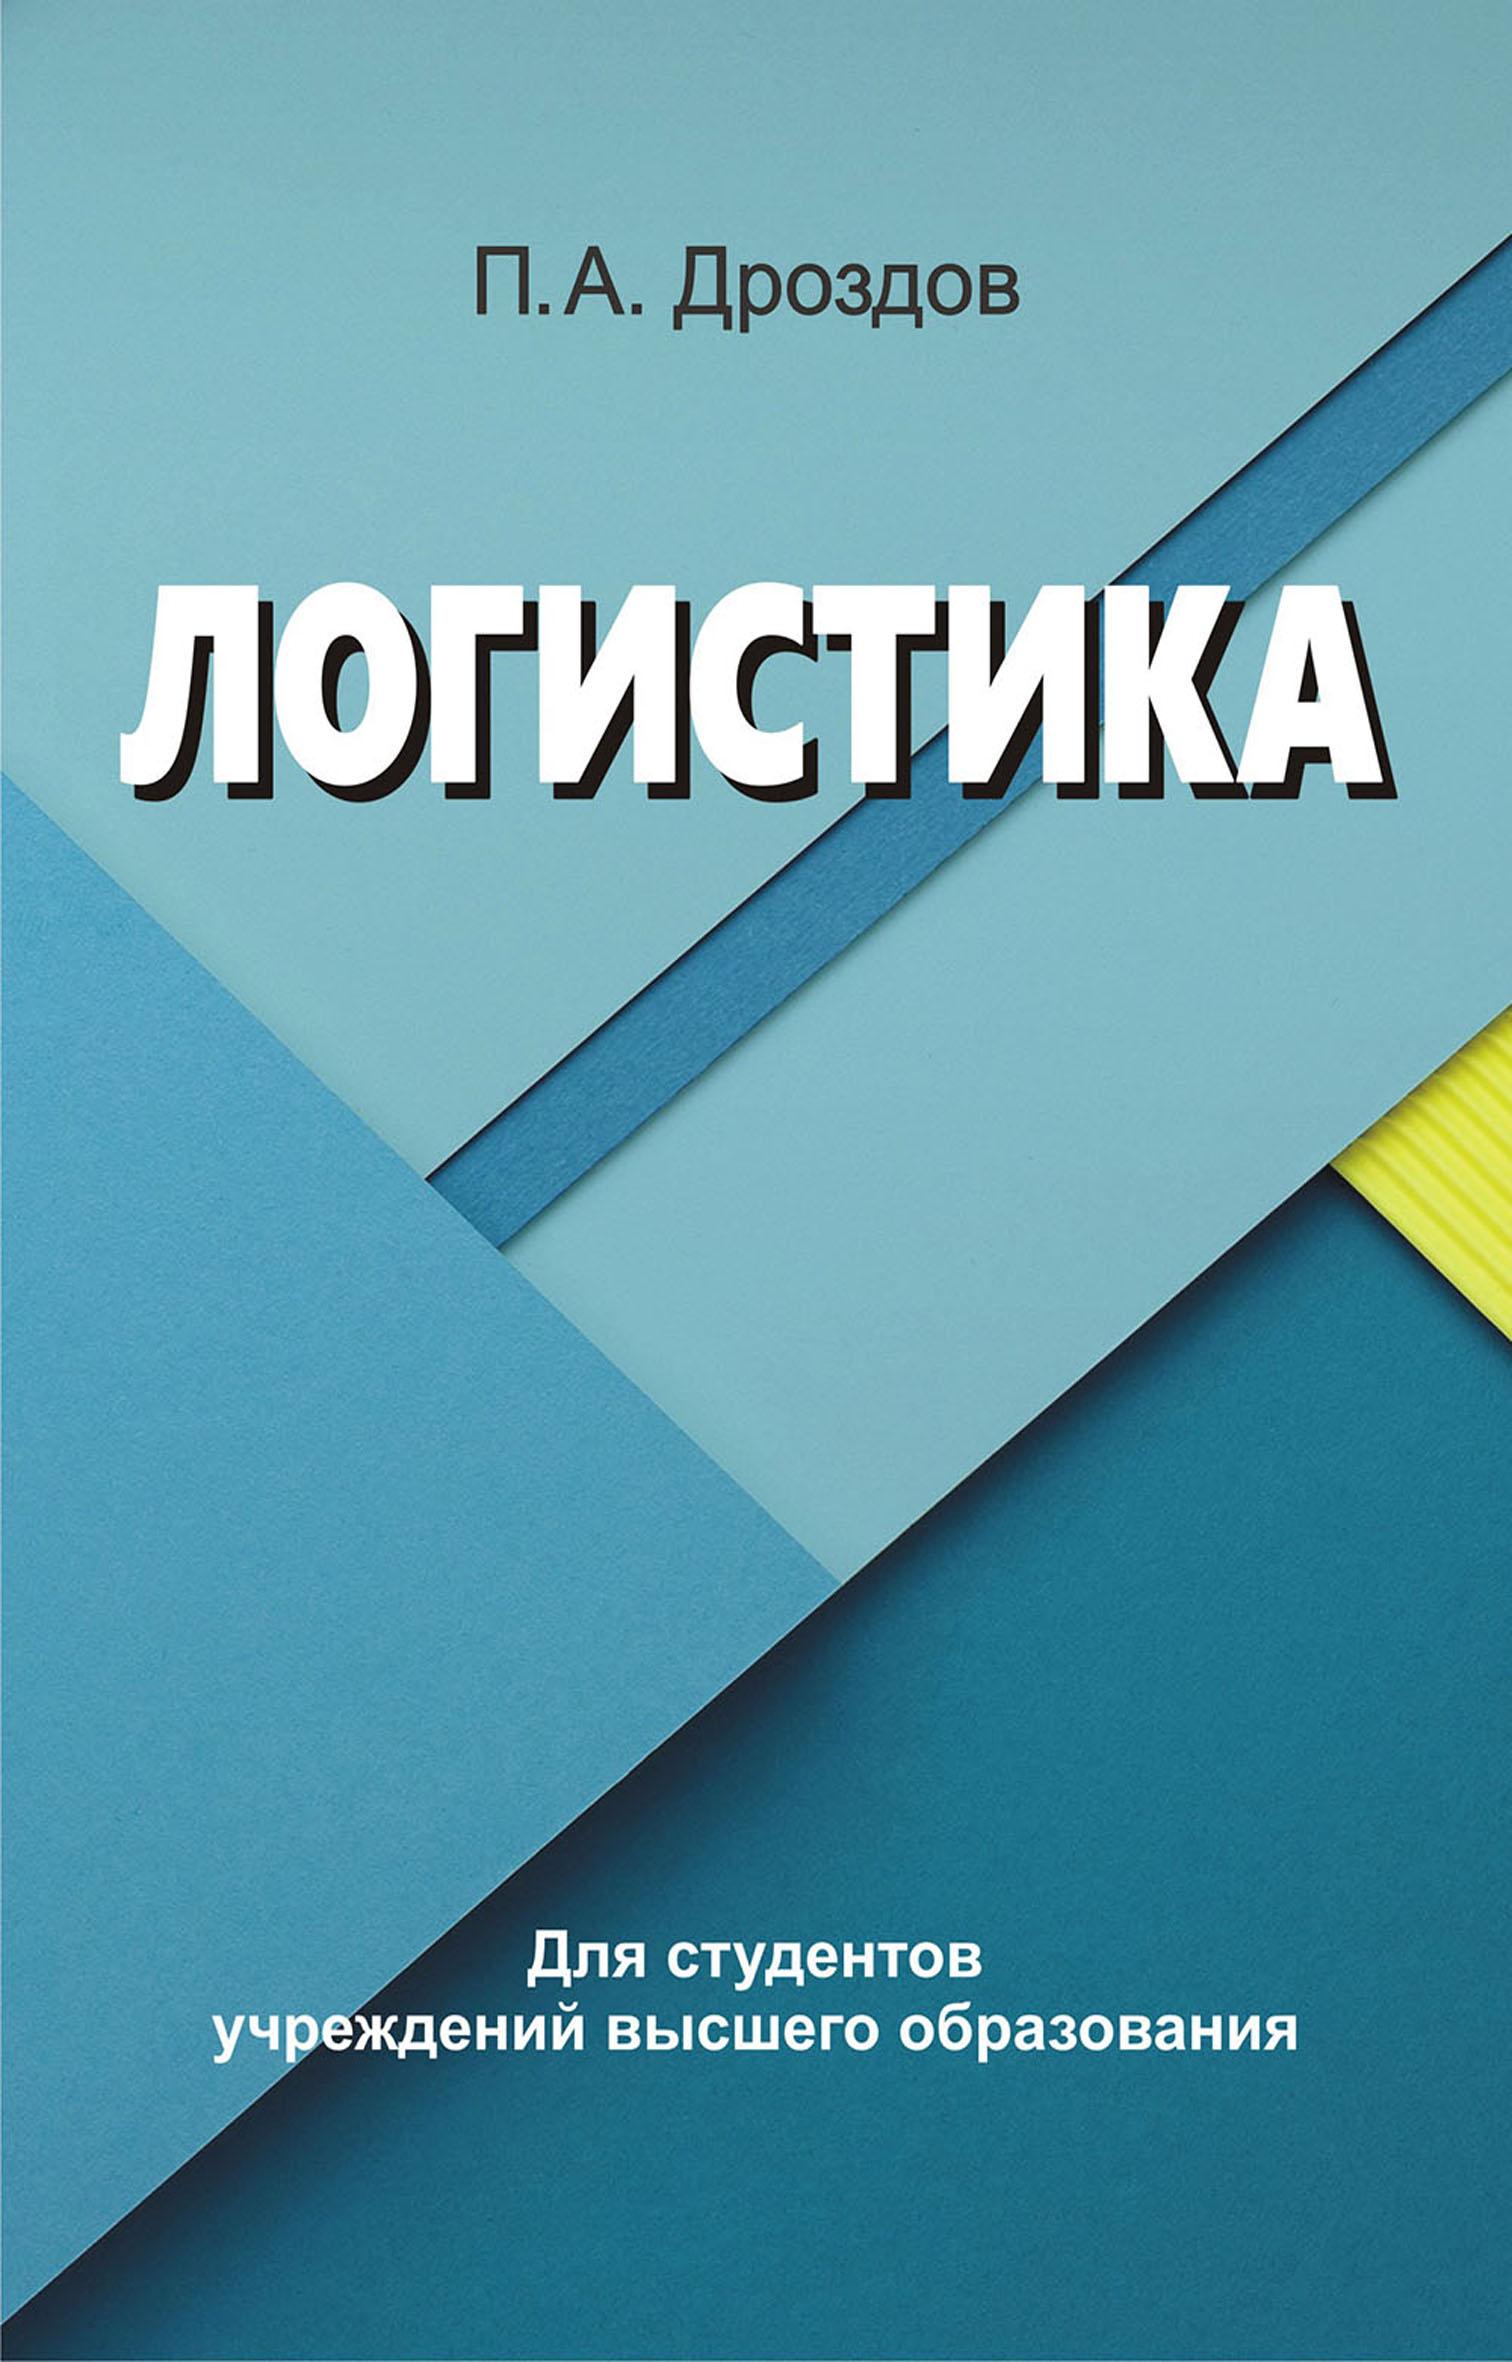 Логистика ( П. А. Дроздов  )